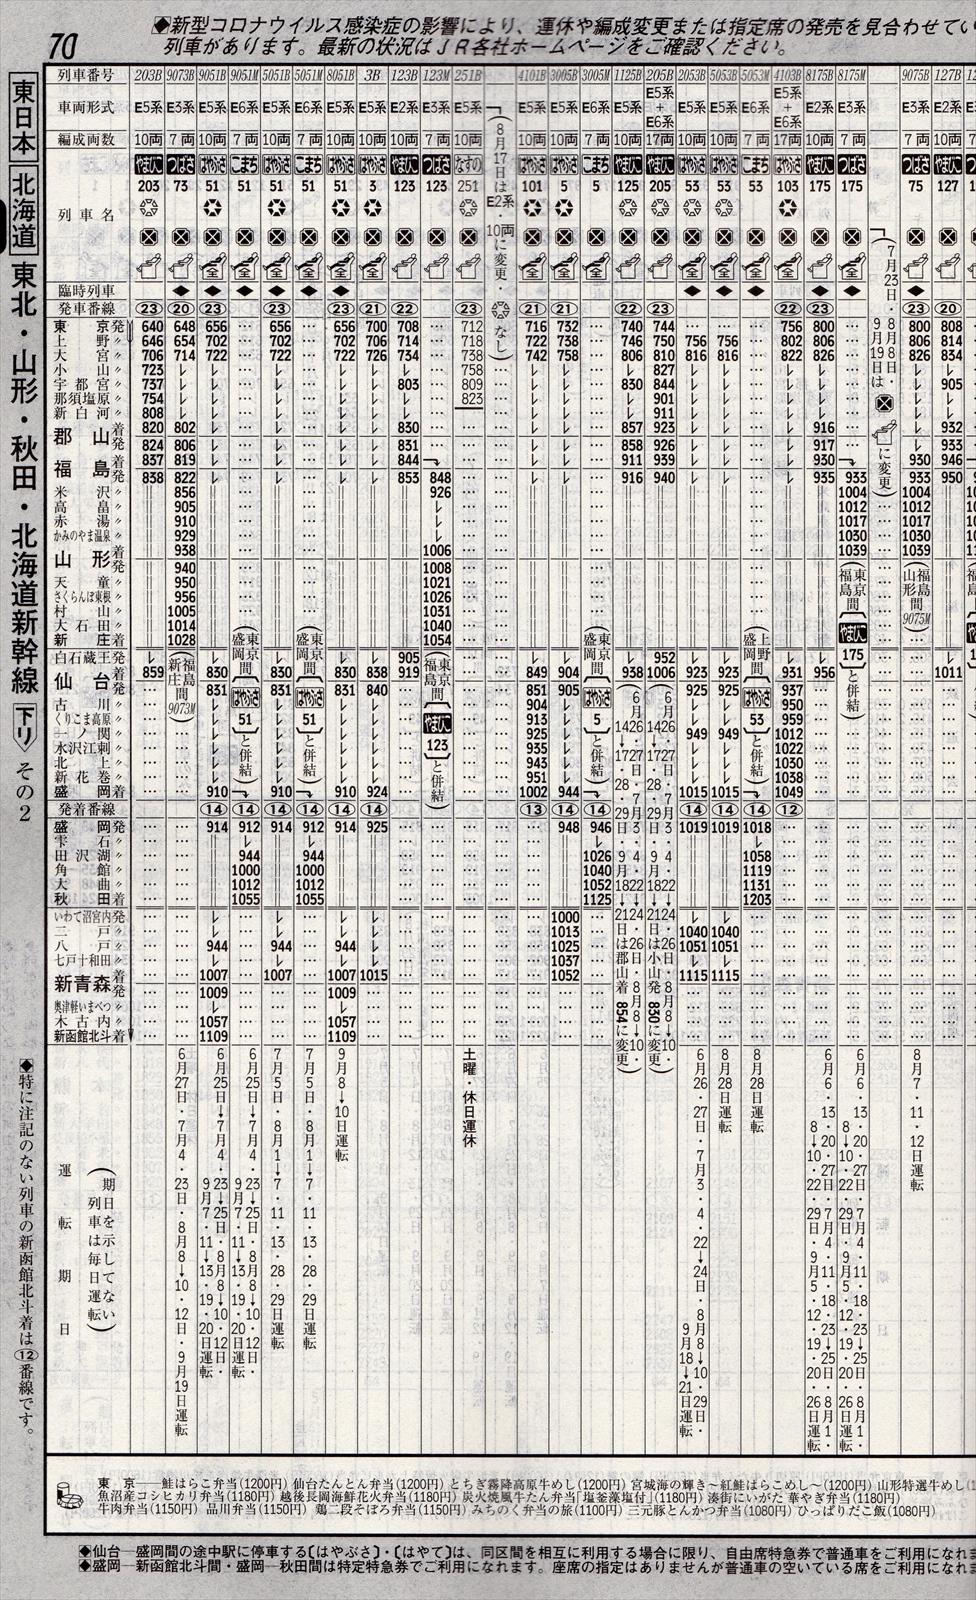 東北 新幹線 運行 状況